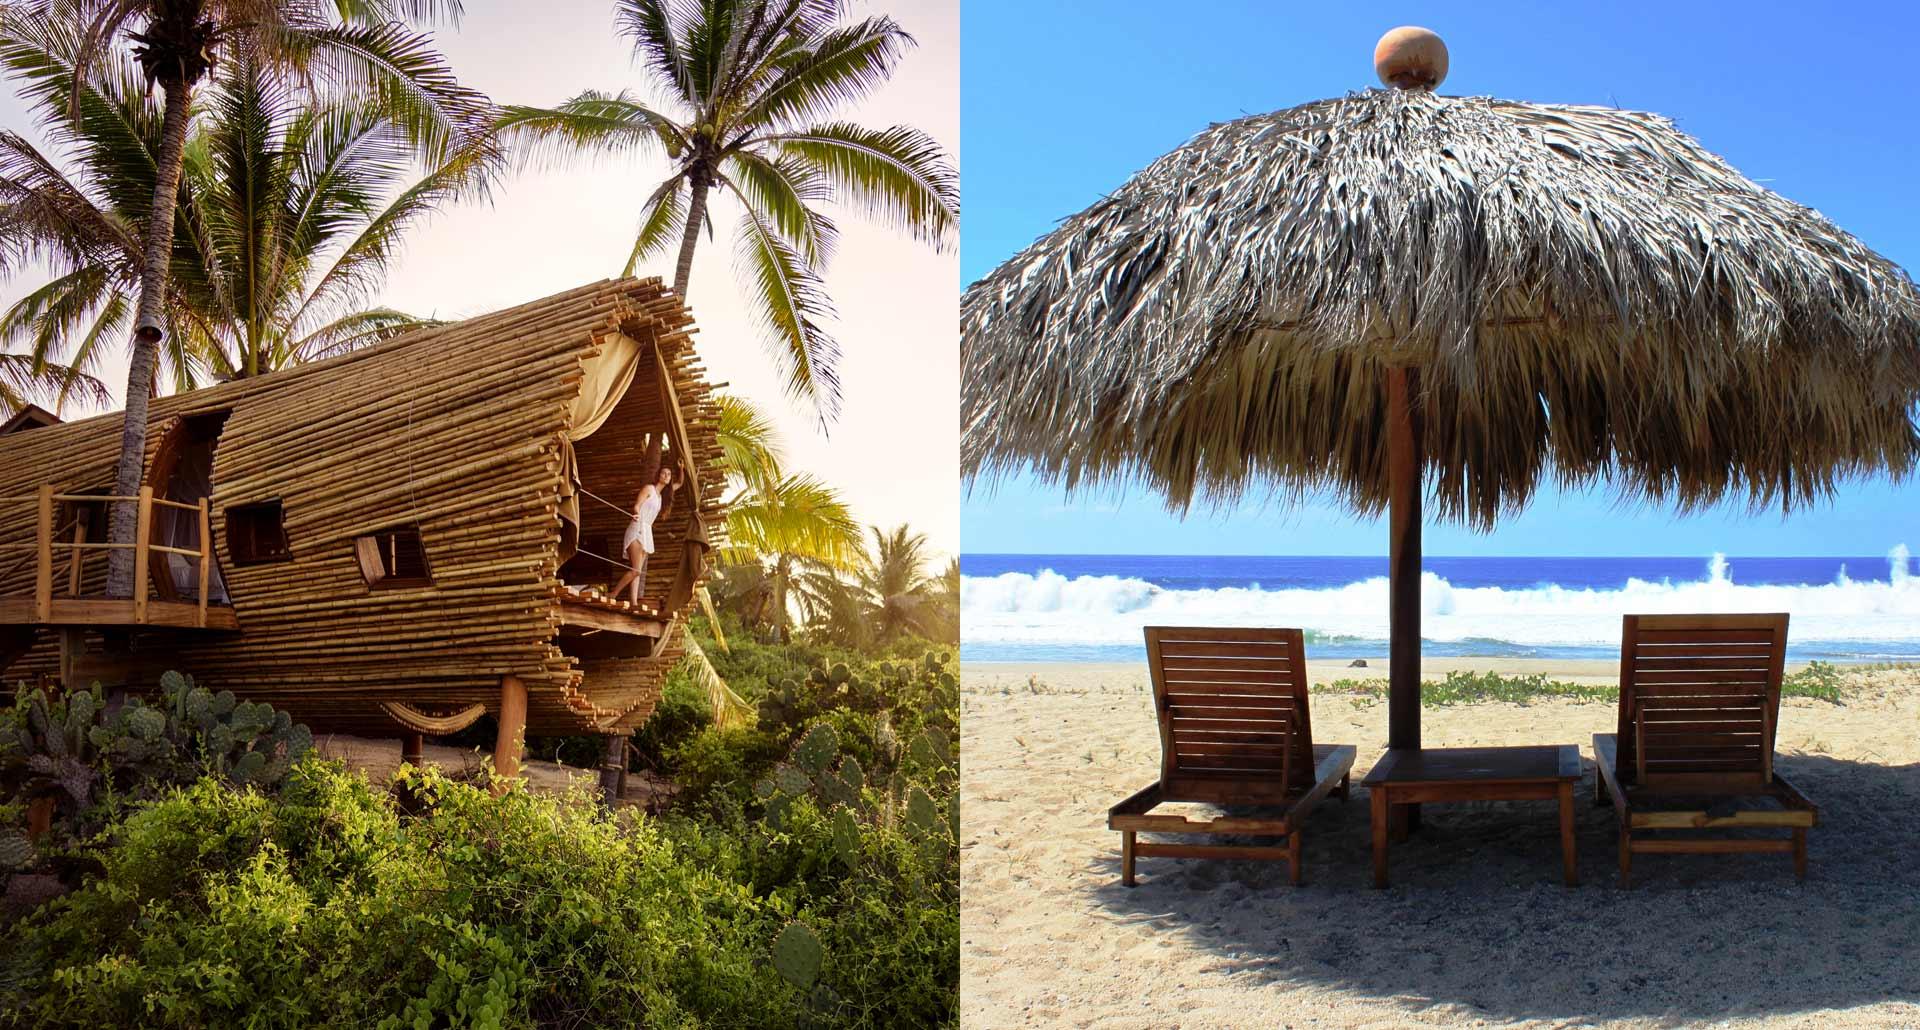 Playa Viva - romantic boutique hotel in Yucatán Mexico